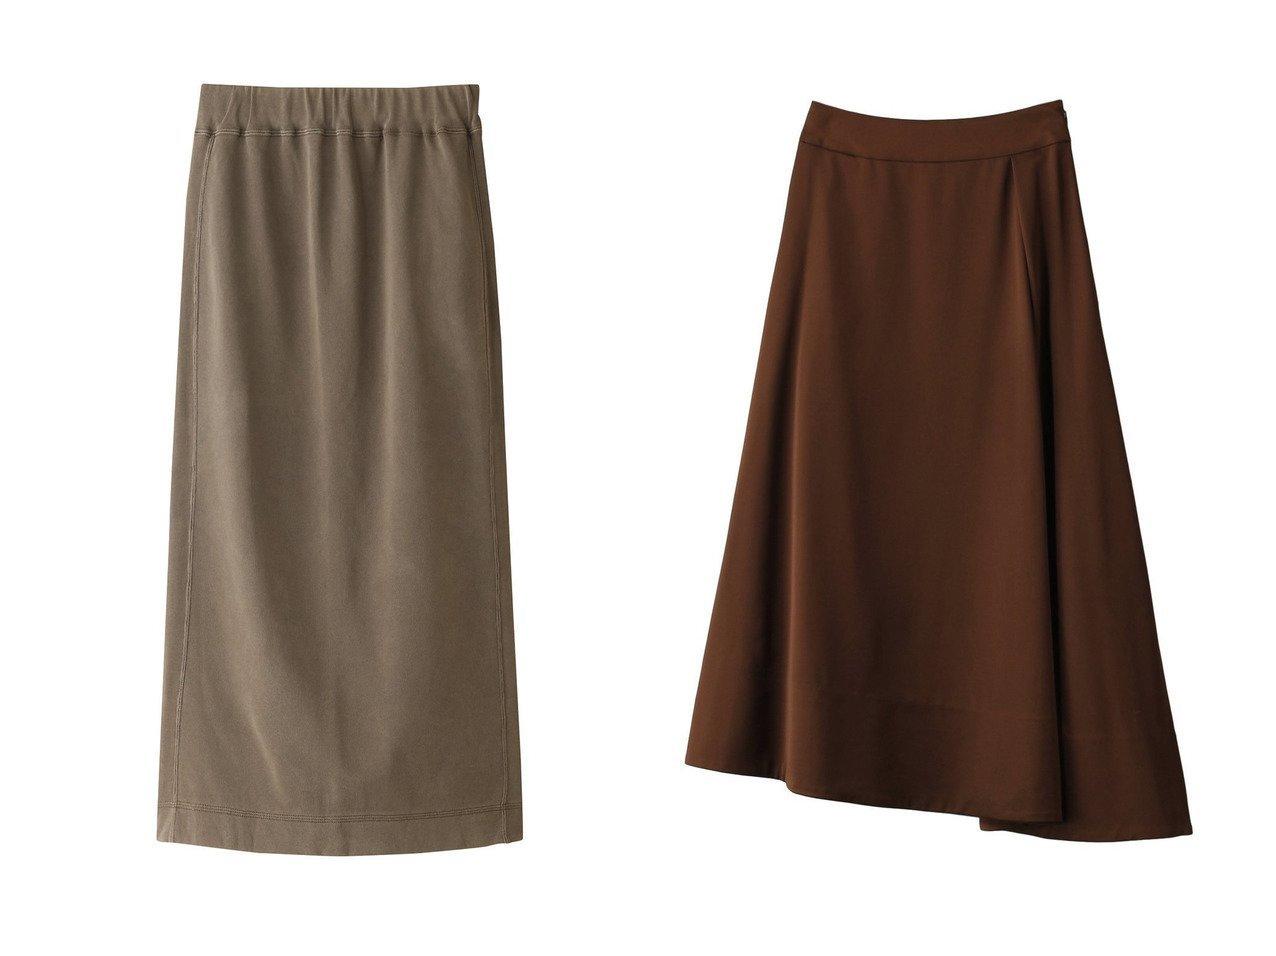 【1er Arrondissement/プルミエ アロンディスモン】のスウェットスカート&【LE CIEL BLEU/ルシェル ブルー】のVisウールサテンスカート 【スカート】おすすめ!人気、トレンド・レディースファッションの通販 おすすめで人気の流行・トレンド、ファッションの通販商品 インテリア・家具・メンズファッション・キッズファッション・レディースファッション・服の通販 founy(ファニー) https://founy.com/ ファッション Fashion レディースファッション WOMEN スカート Skirt ロングスカート Long Skirt 2020年 2020 2020-2021秋冬・A/W AW・Autumn/Winter・FW・Fall-Winter/2020-2021 2021年 2021 2021-2022秋冬・A/W AW・Autumn/Winter・FW・Fall-Winter・2021-2022 A/W・秋冬 AW・Autumn/Winter・FW・Fall-Winter おすすめ Recommend ストレート スリット リラックス ロング |ID:crp329100000067684